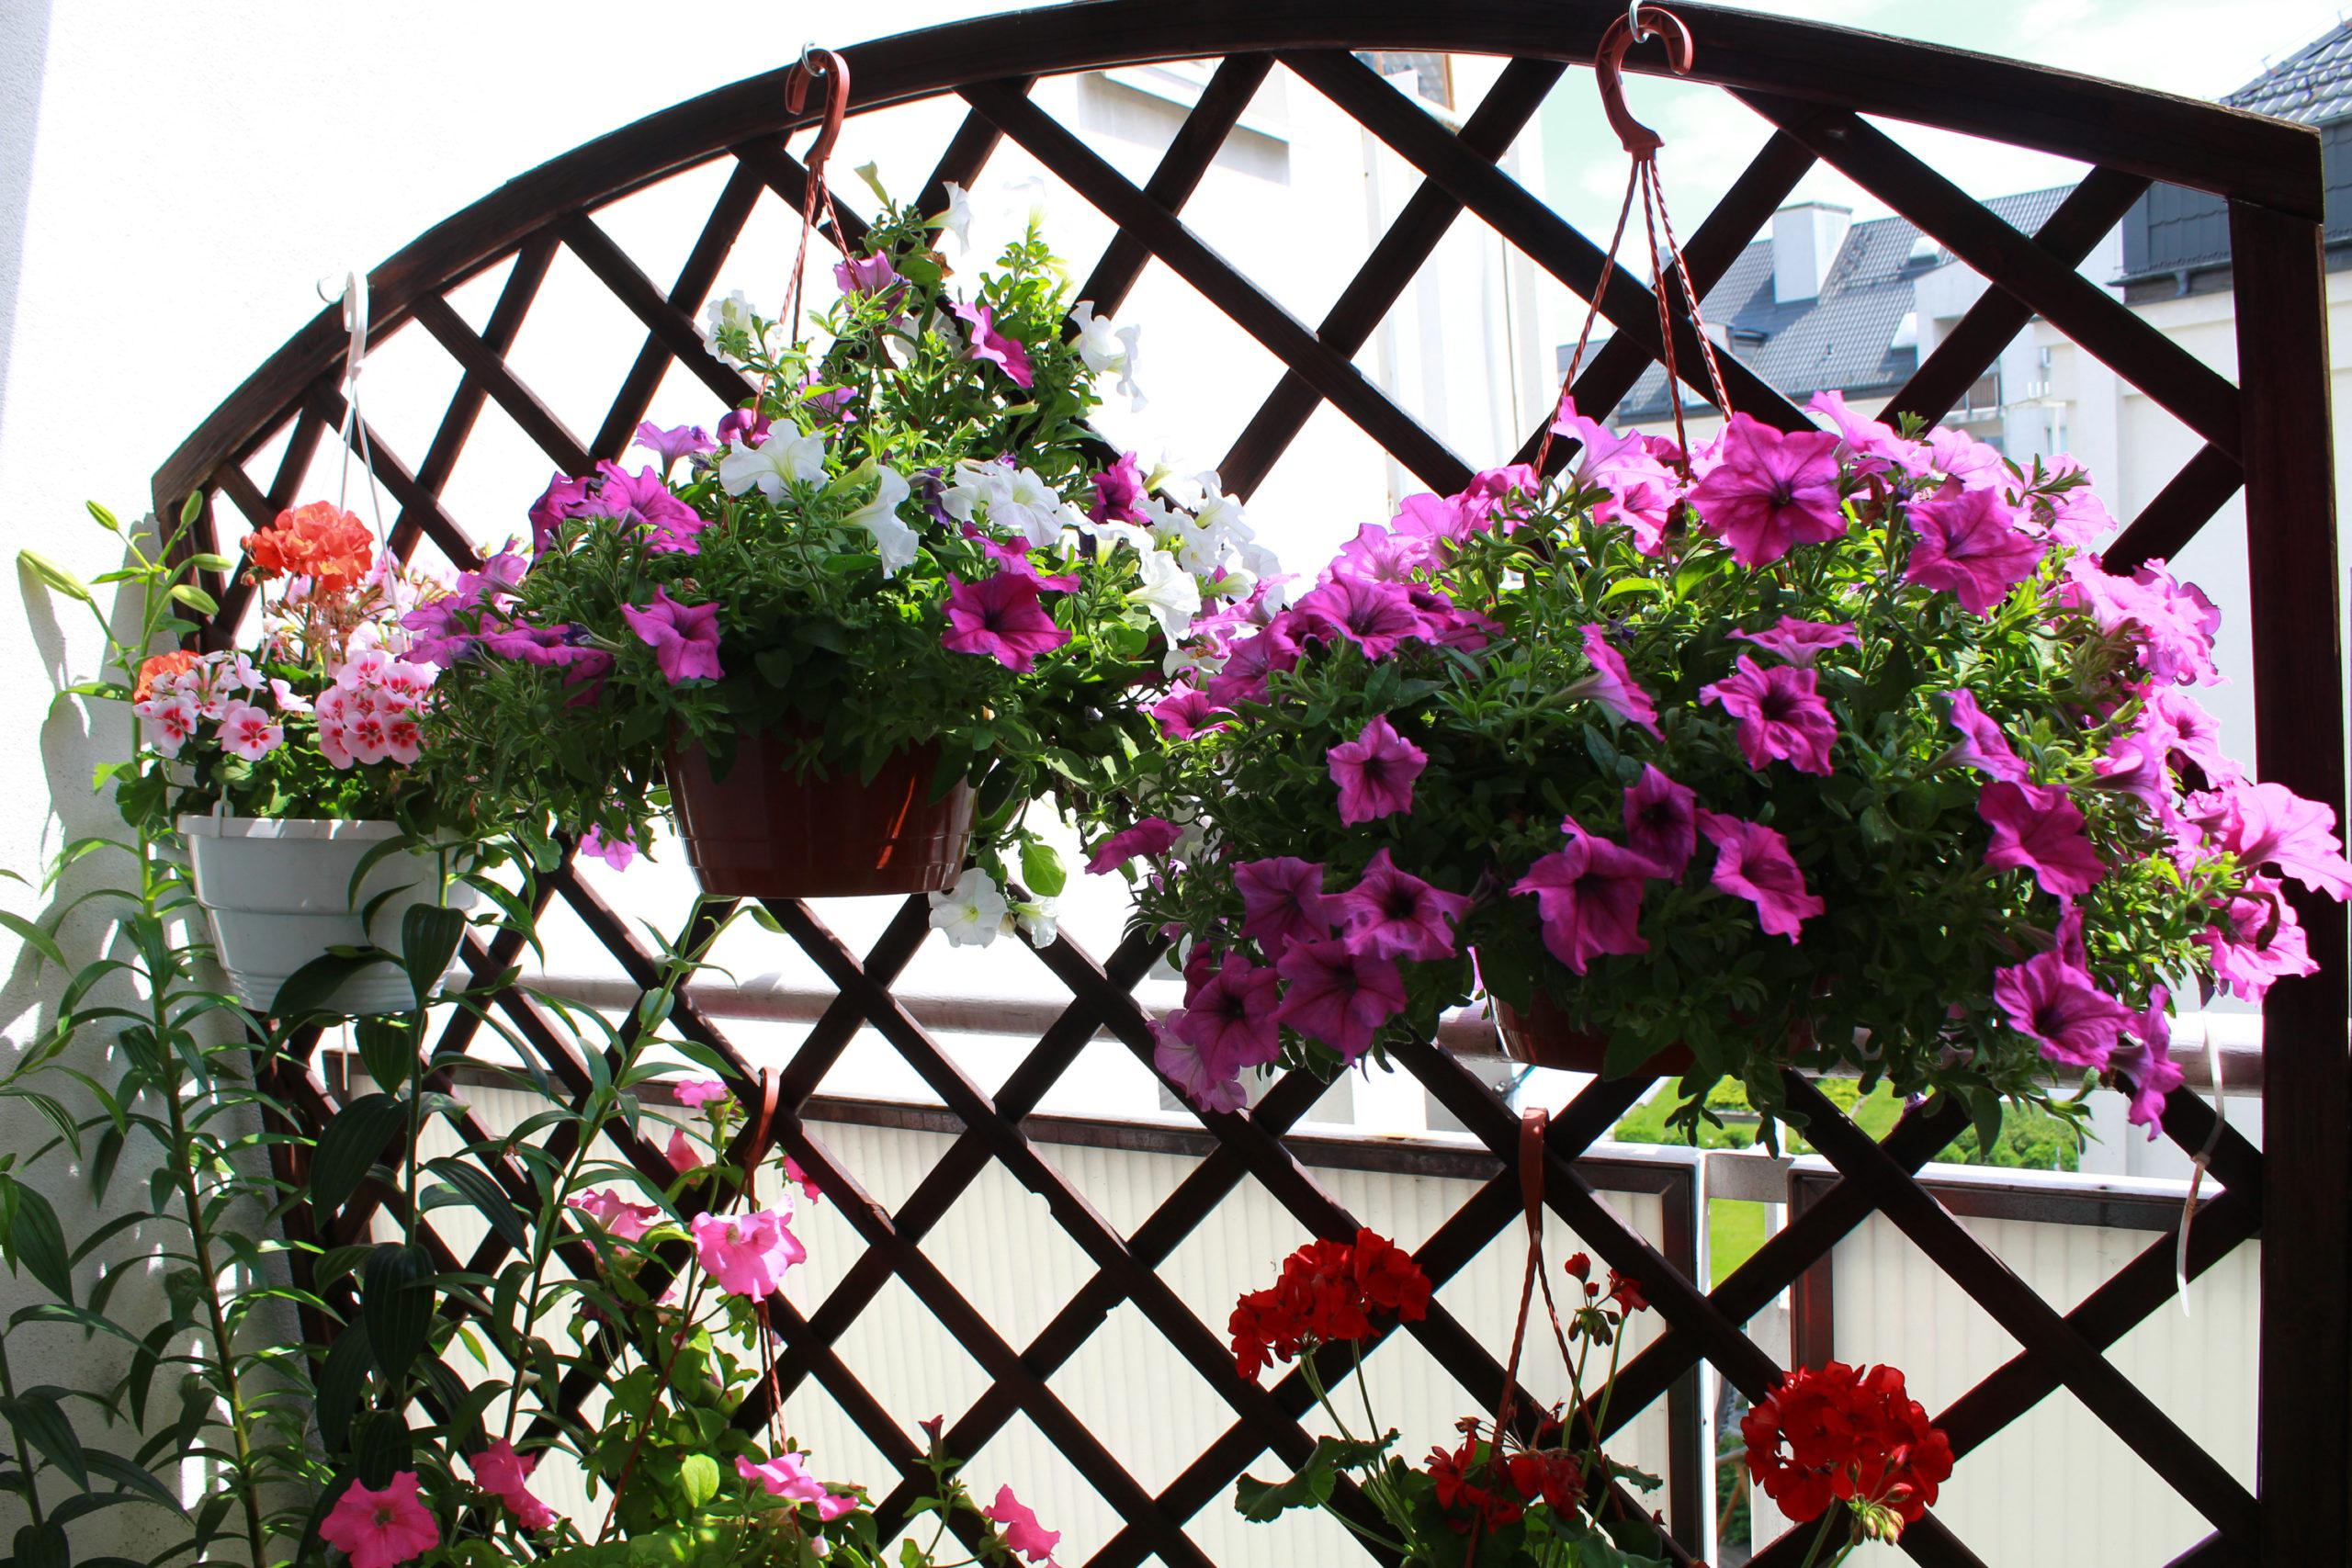 kwiaty w doniczkach na balkonie